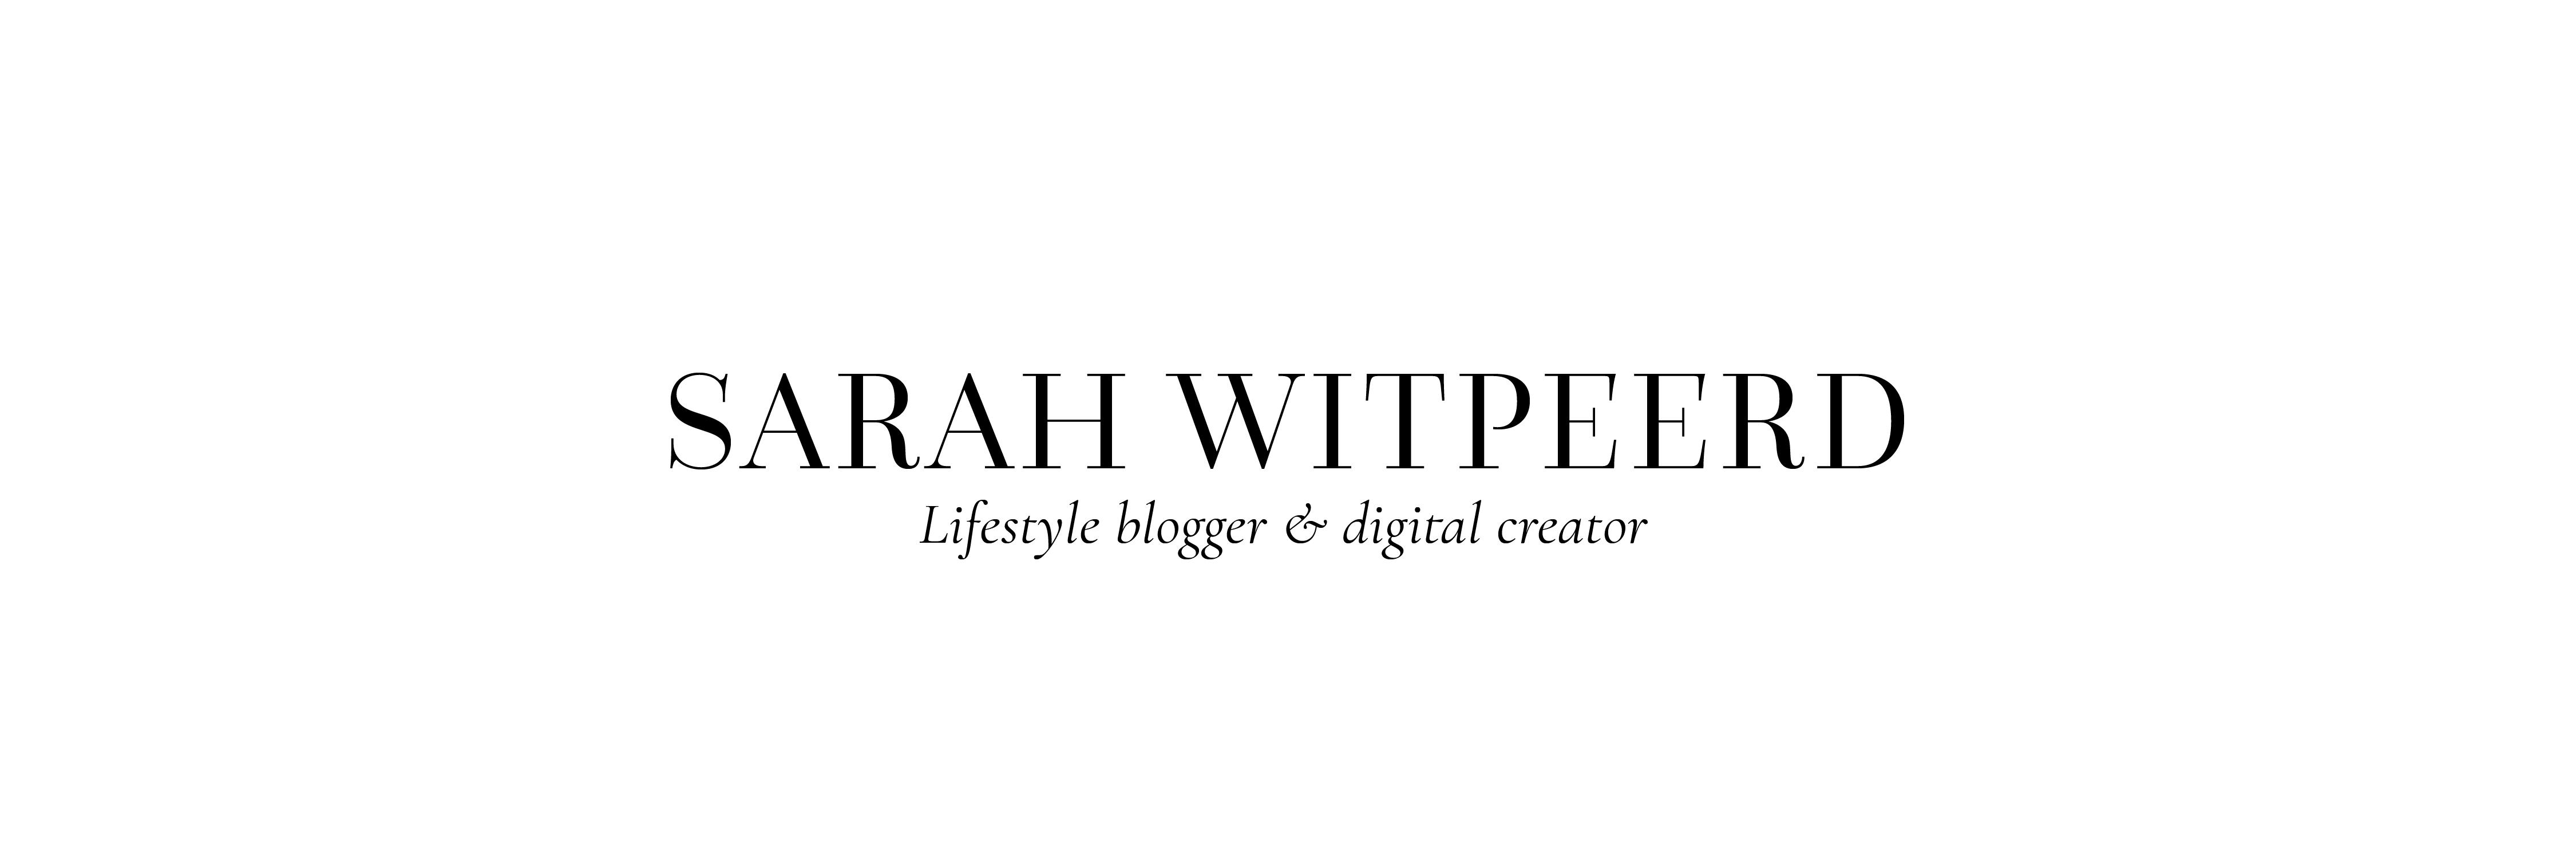 Sarah Witpeerd